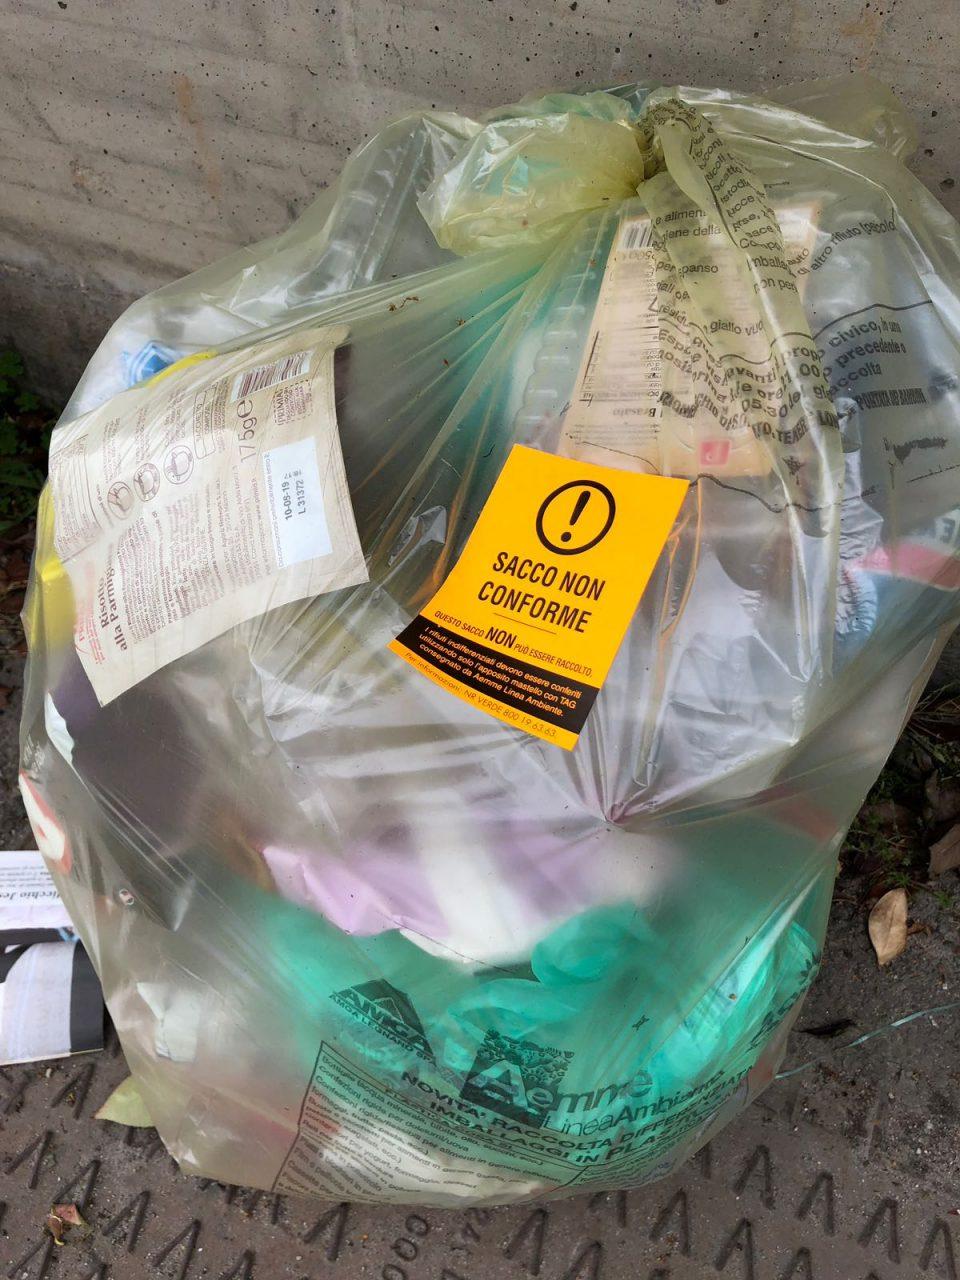 Dairago, sacchi della raccolta differenziata non raccolti perché non conformi